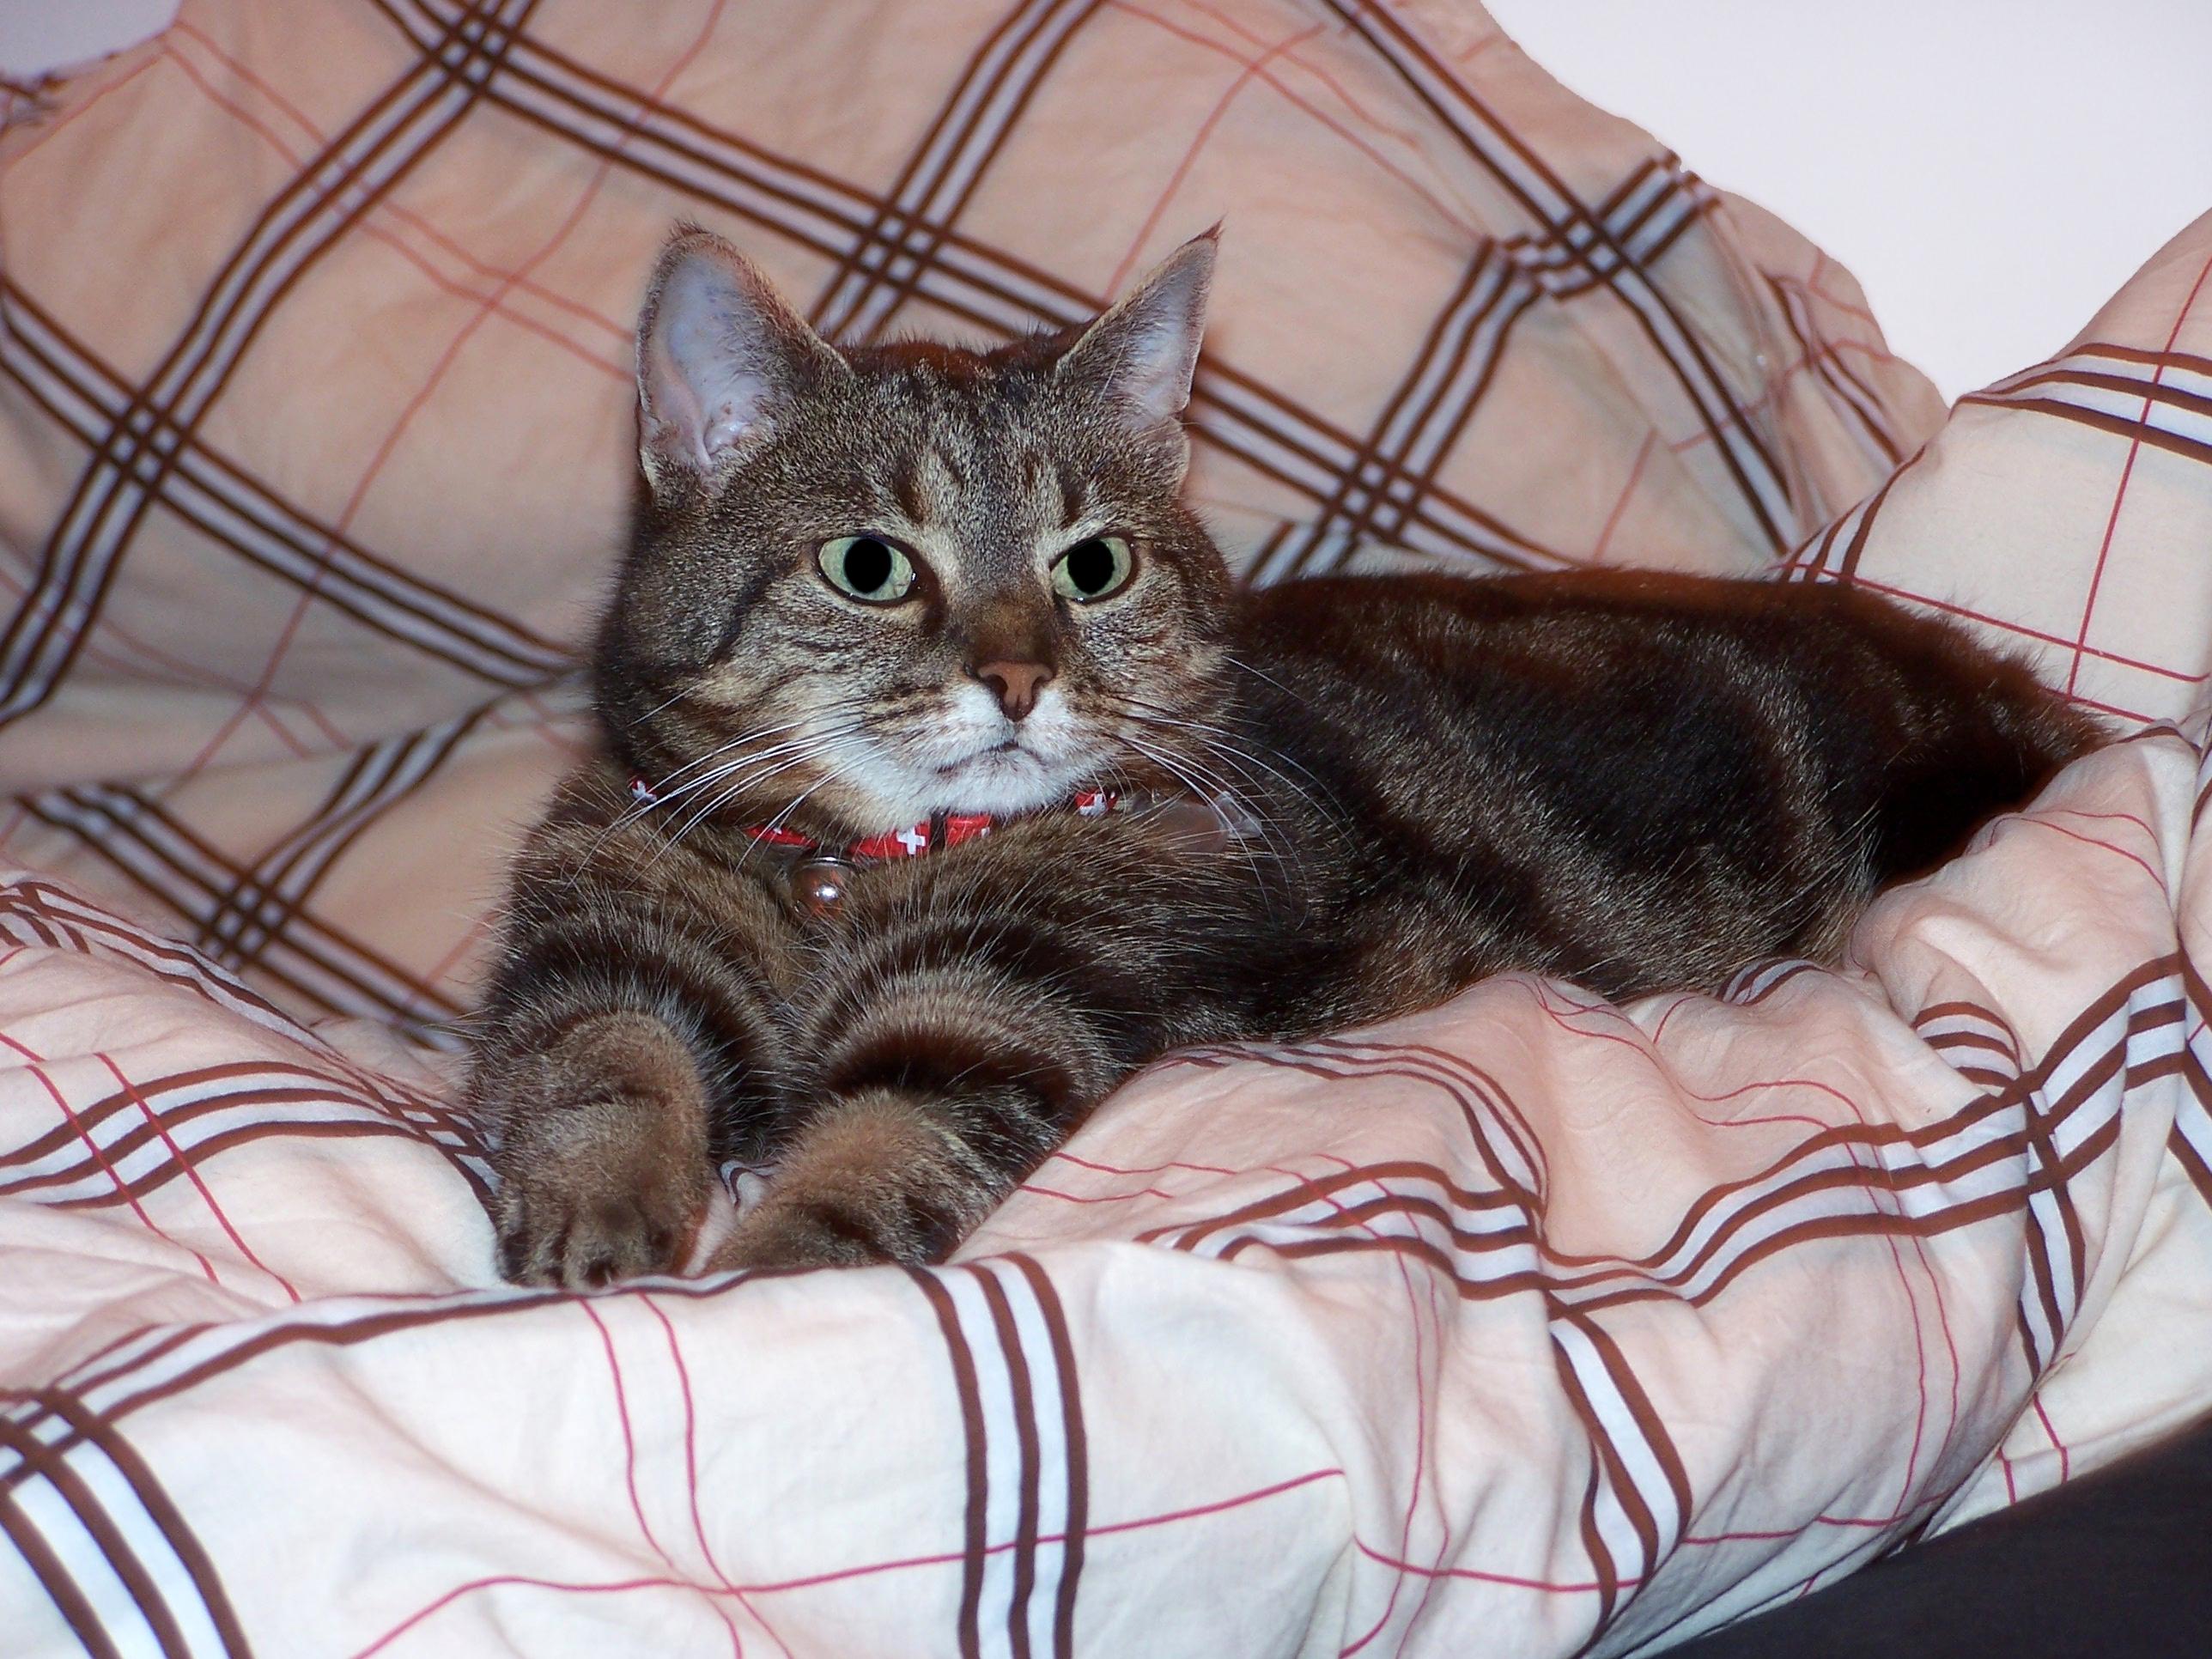 Katze Moritz auf dem Bett